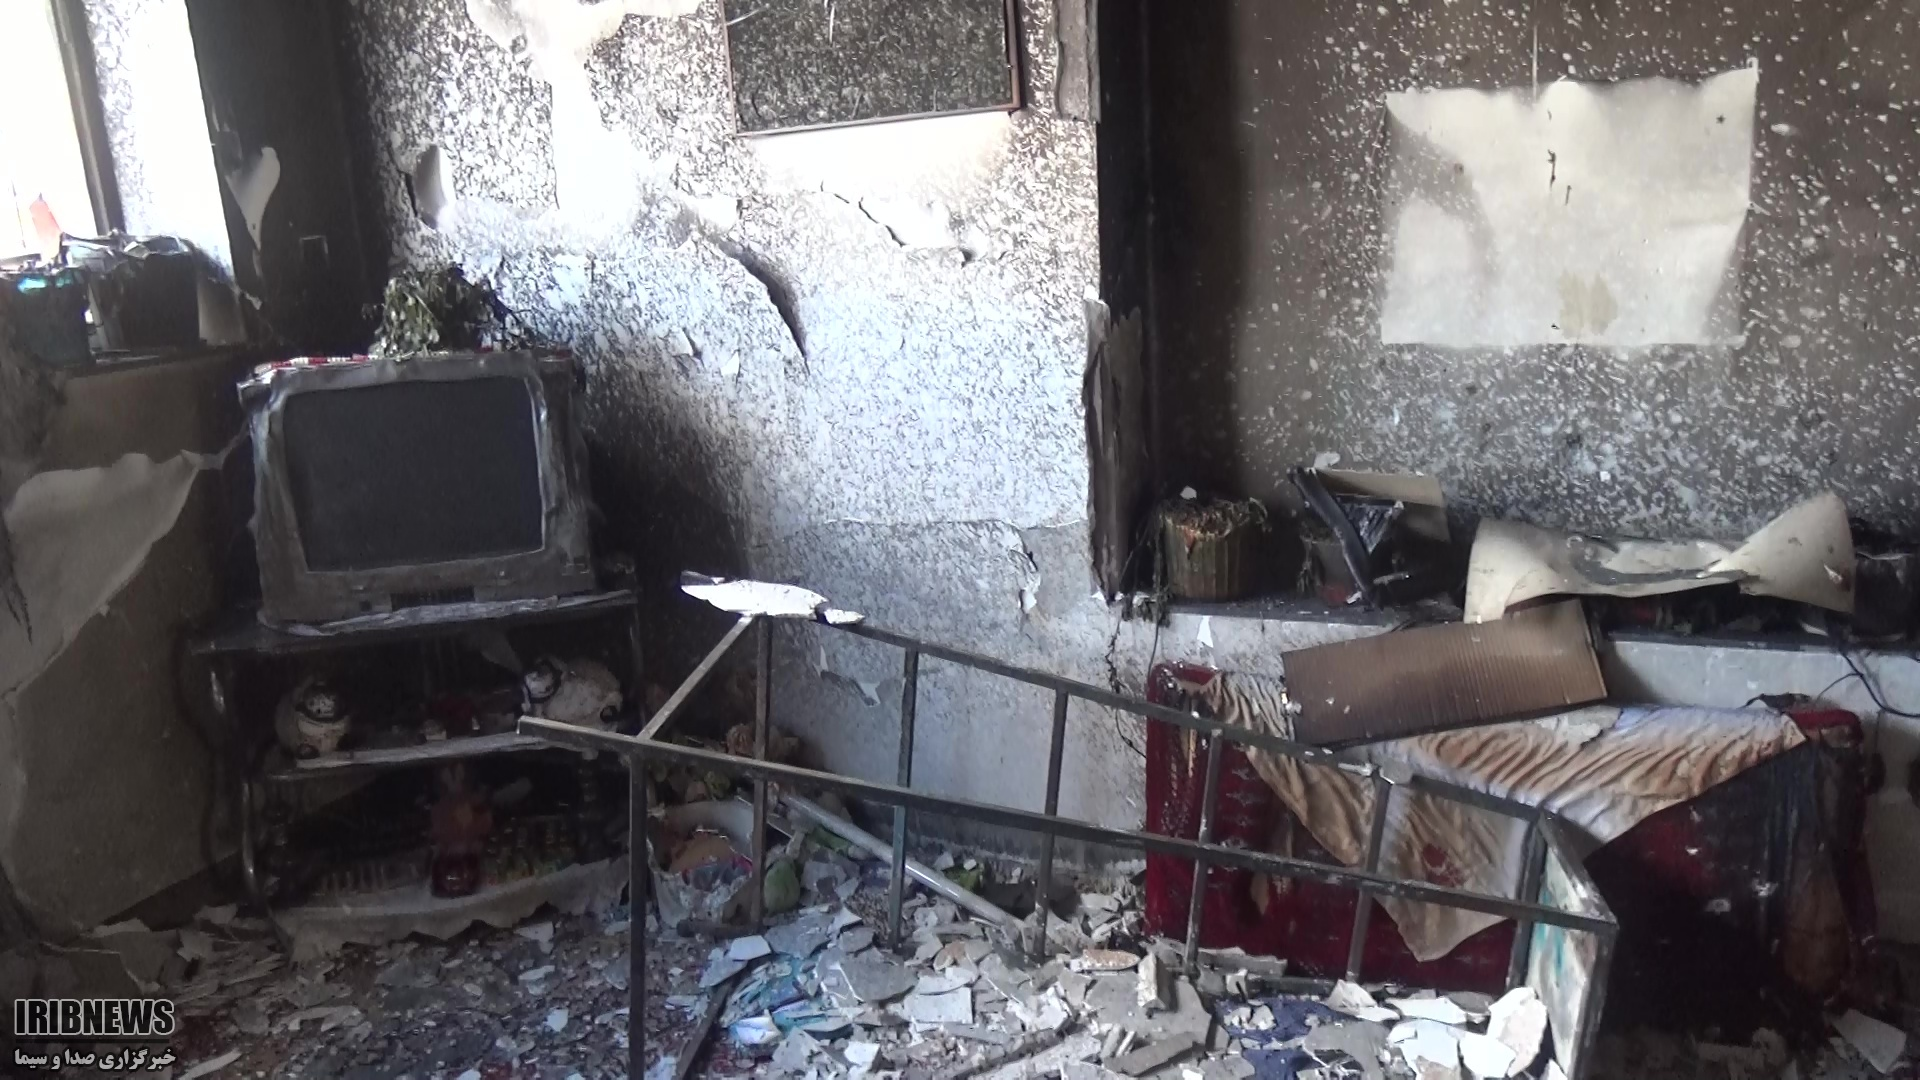 یک مصدوم بر اثر آتش سوزی در بیرجند